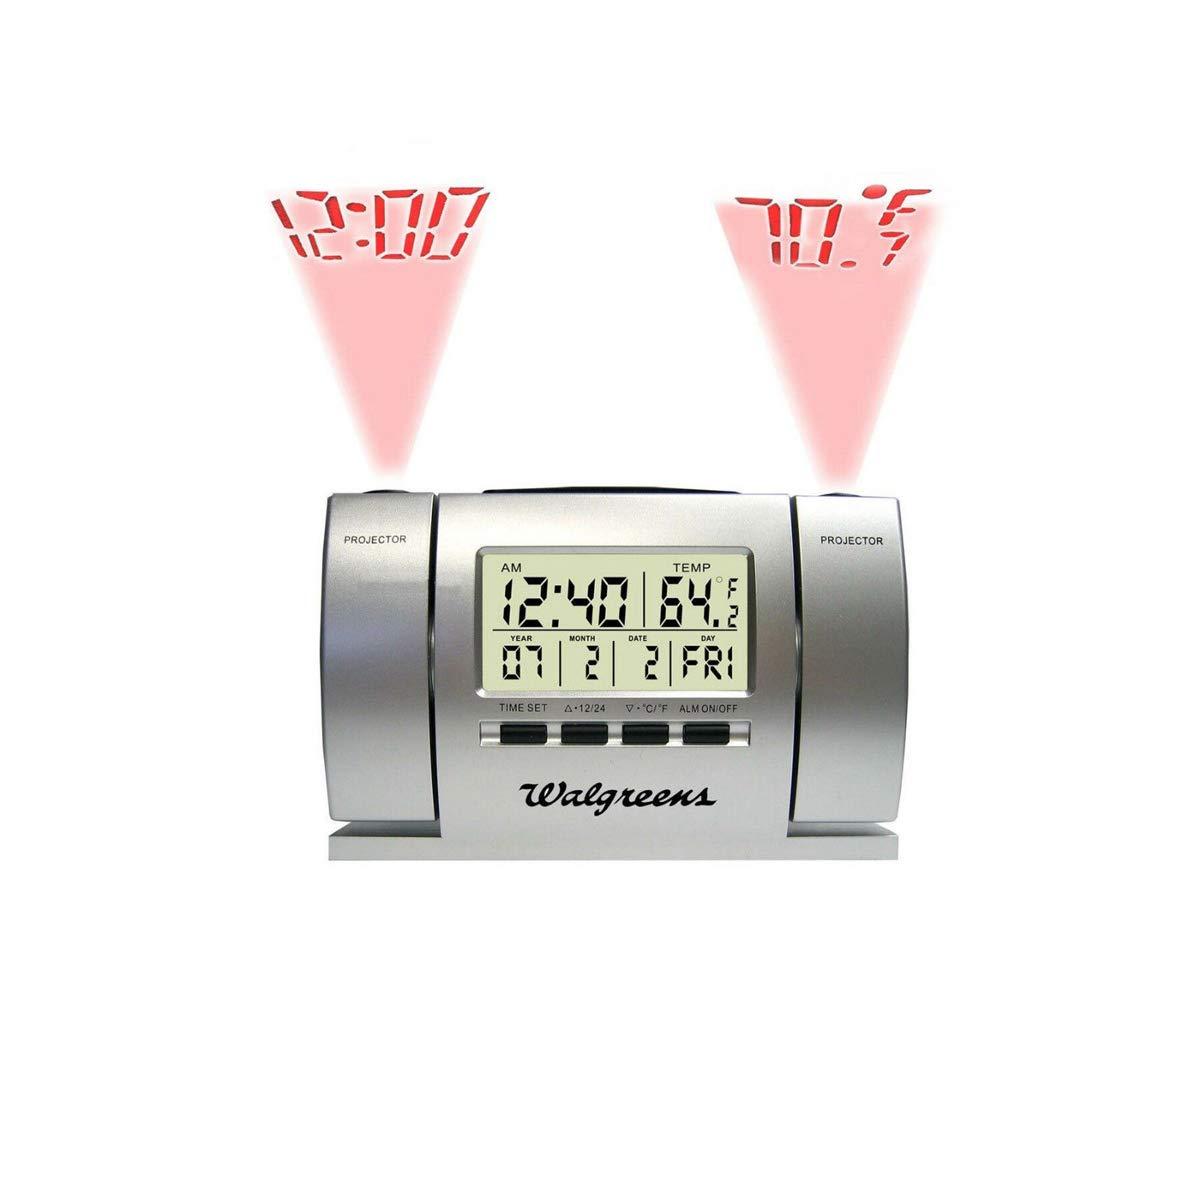 CommVeloEuropa - Reloj LCD Despertador con proyector Doble: Amazon ...